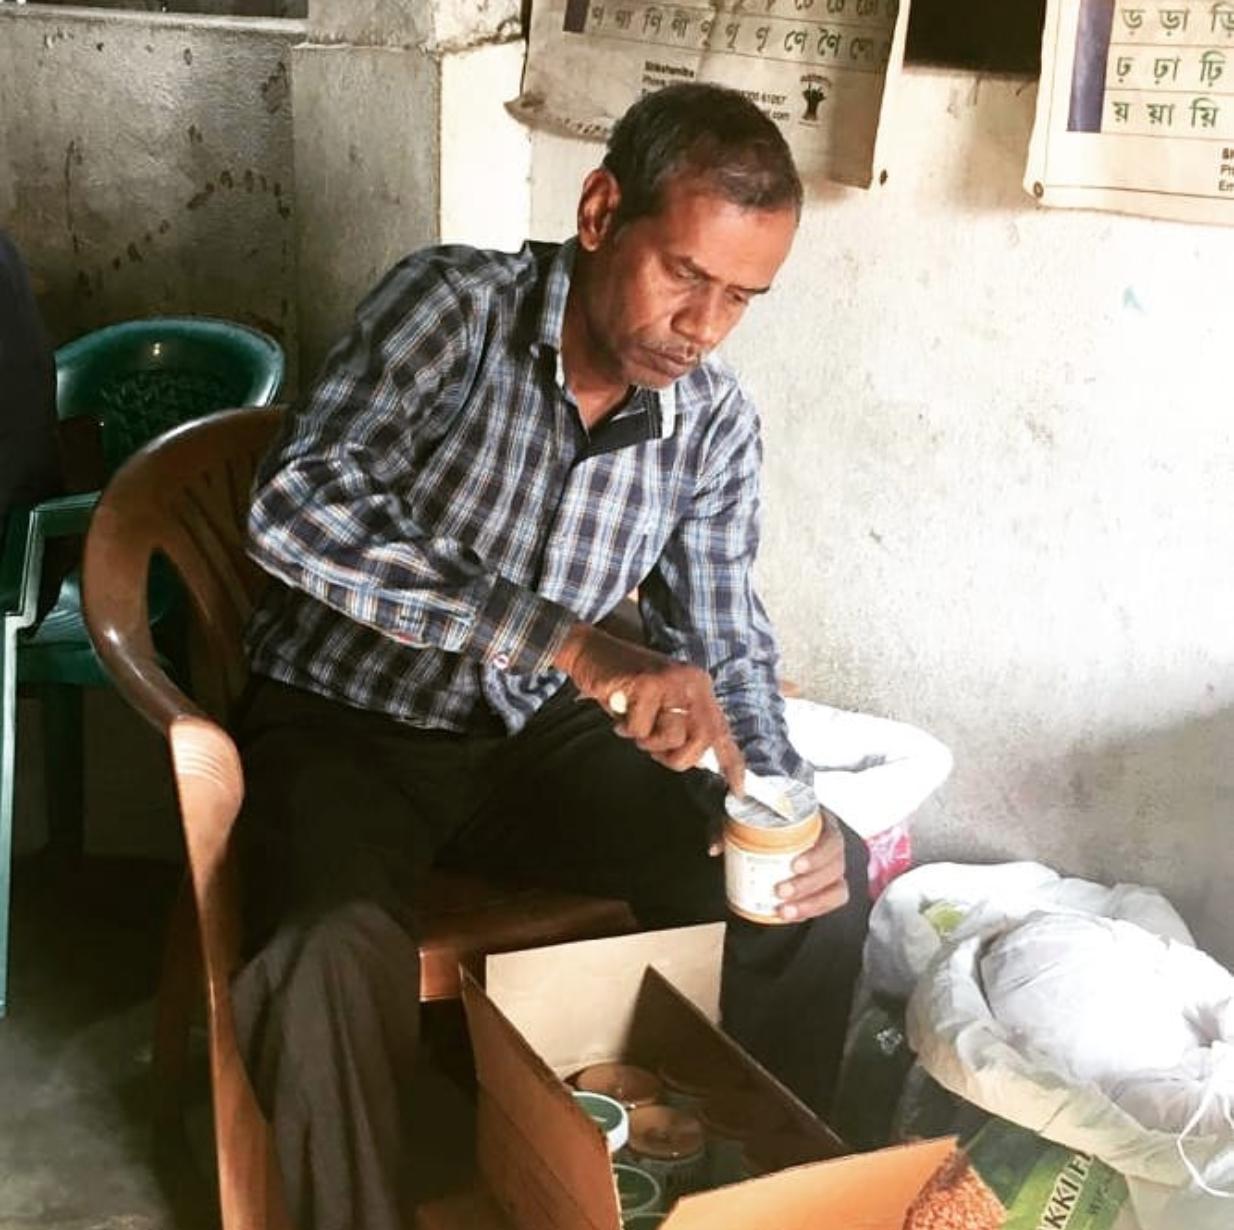 Mihil ein Mitarbeiter portioniert Erdnussbutter für das Mangelernährungsprogramm.